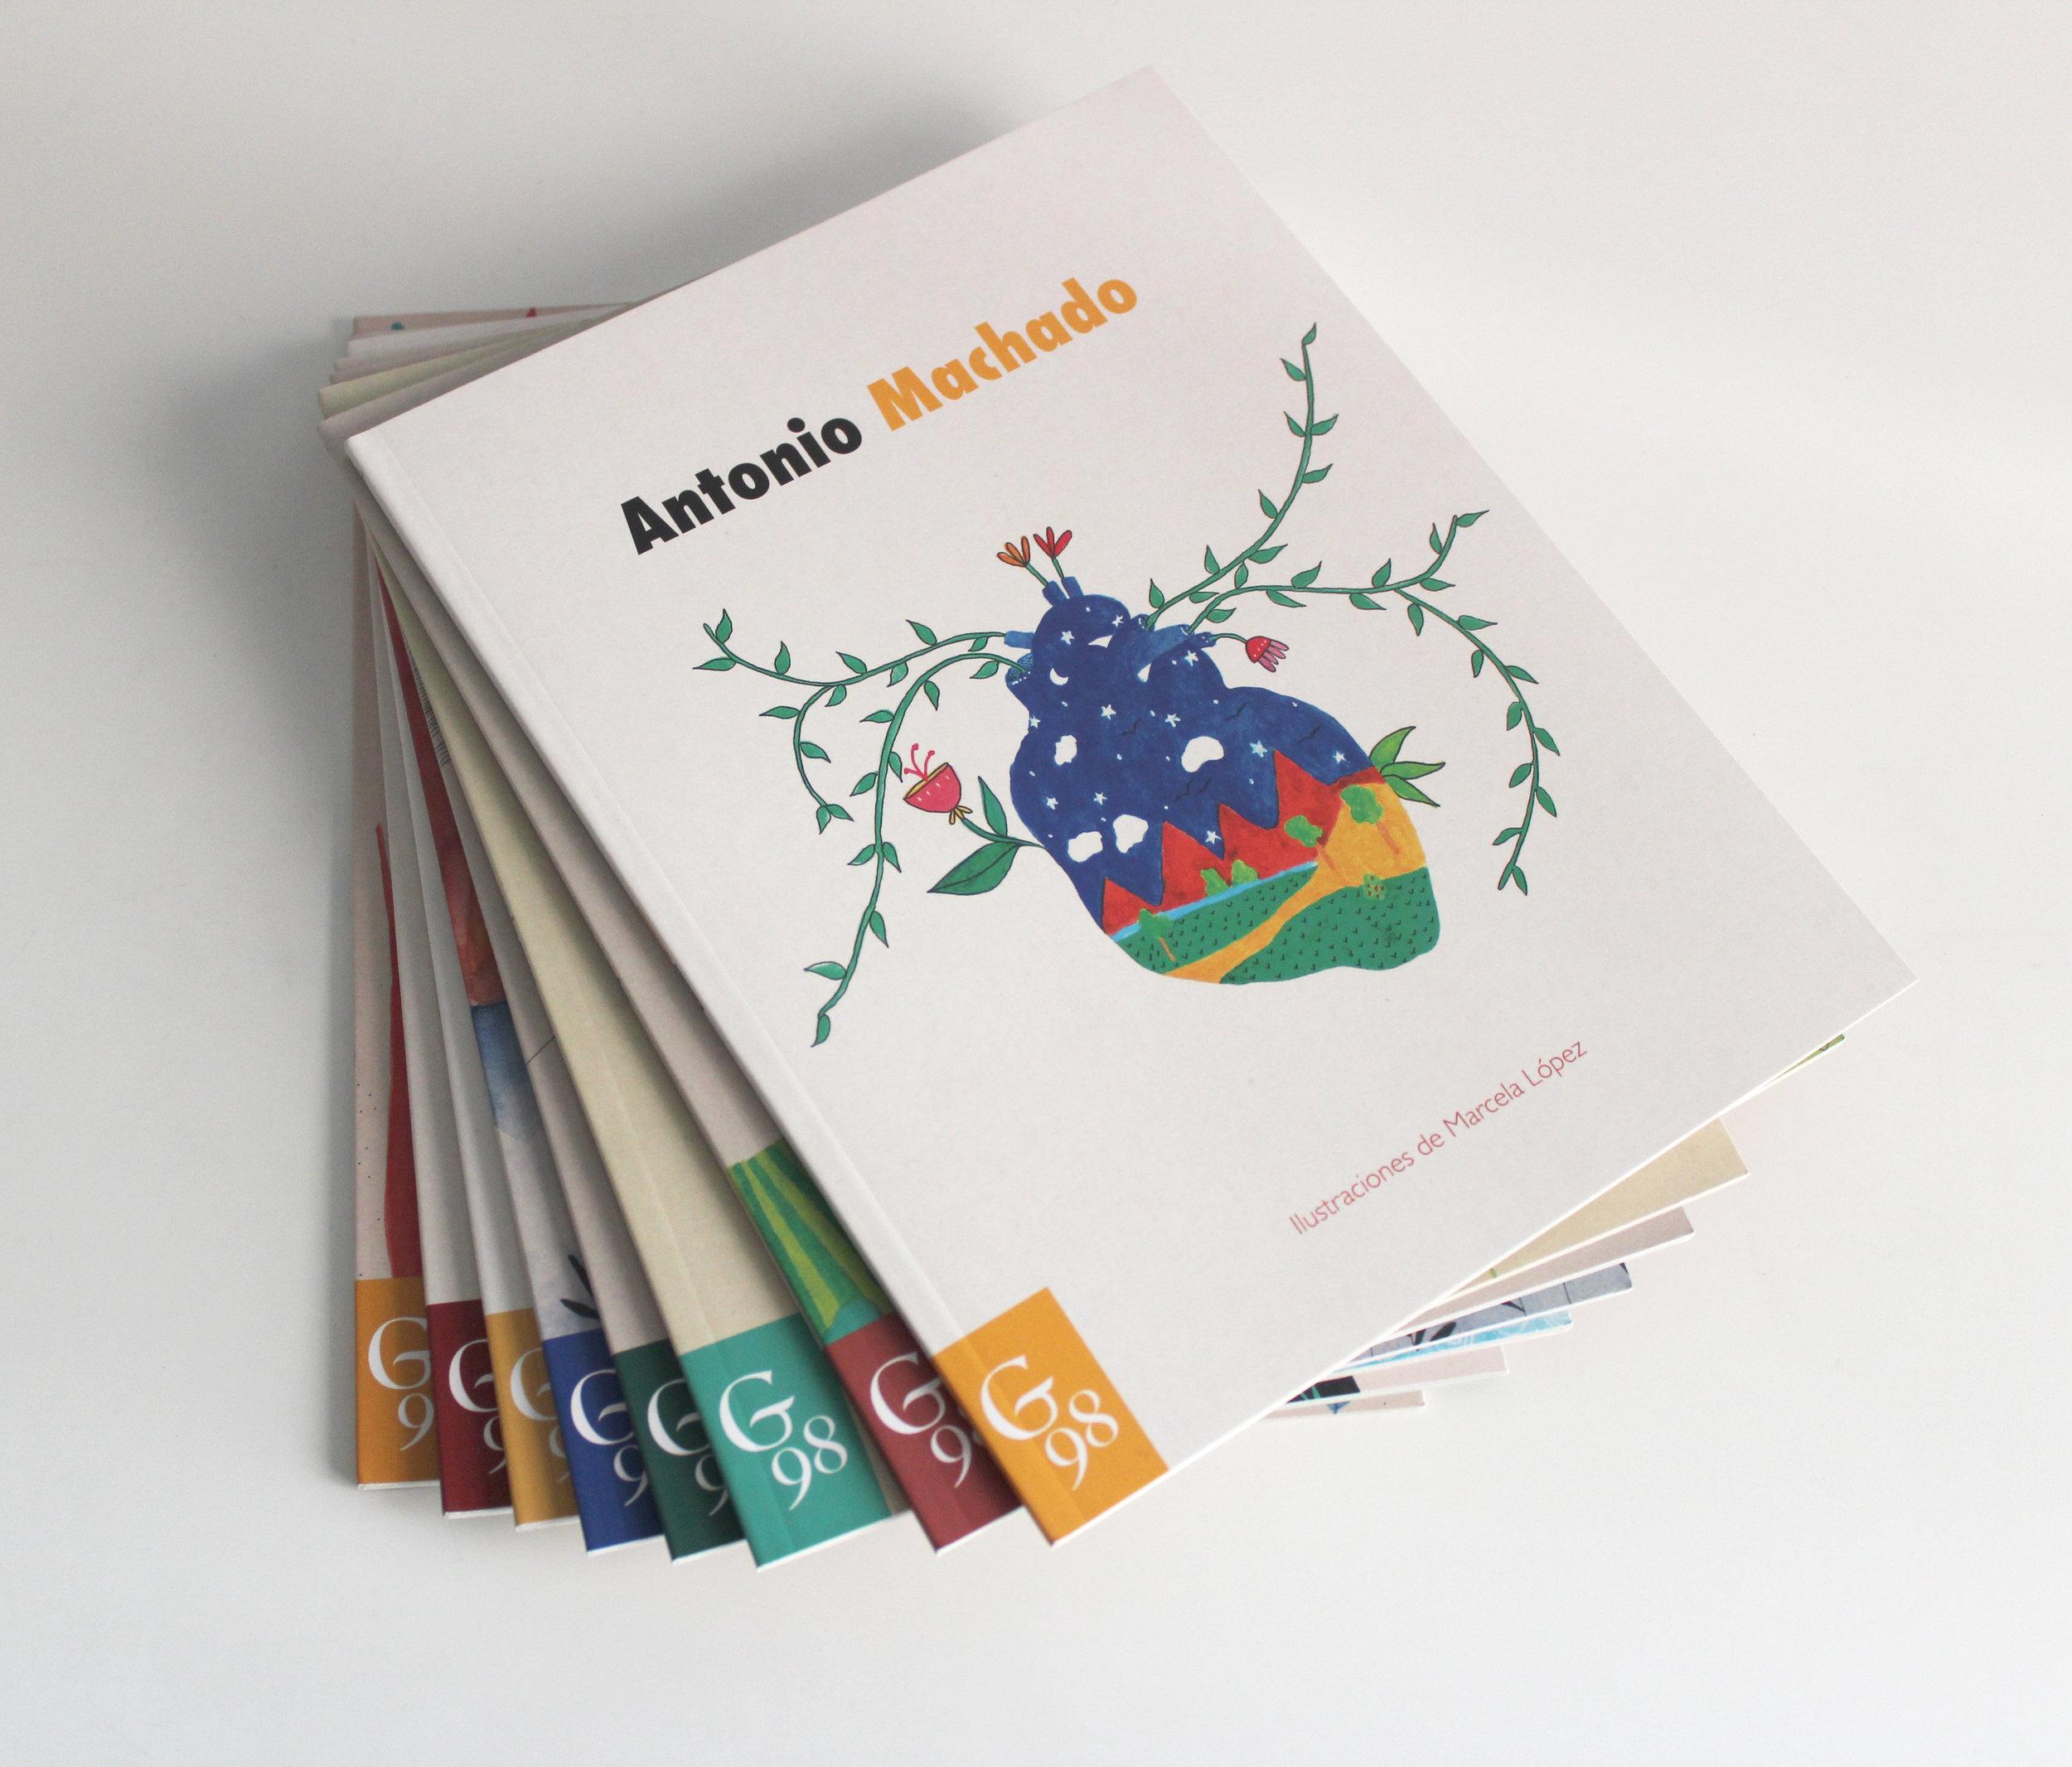 Libros ilustrados generacion del 98